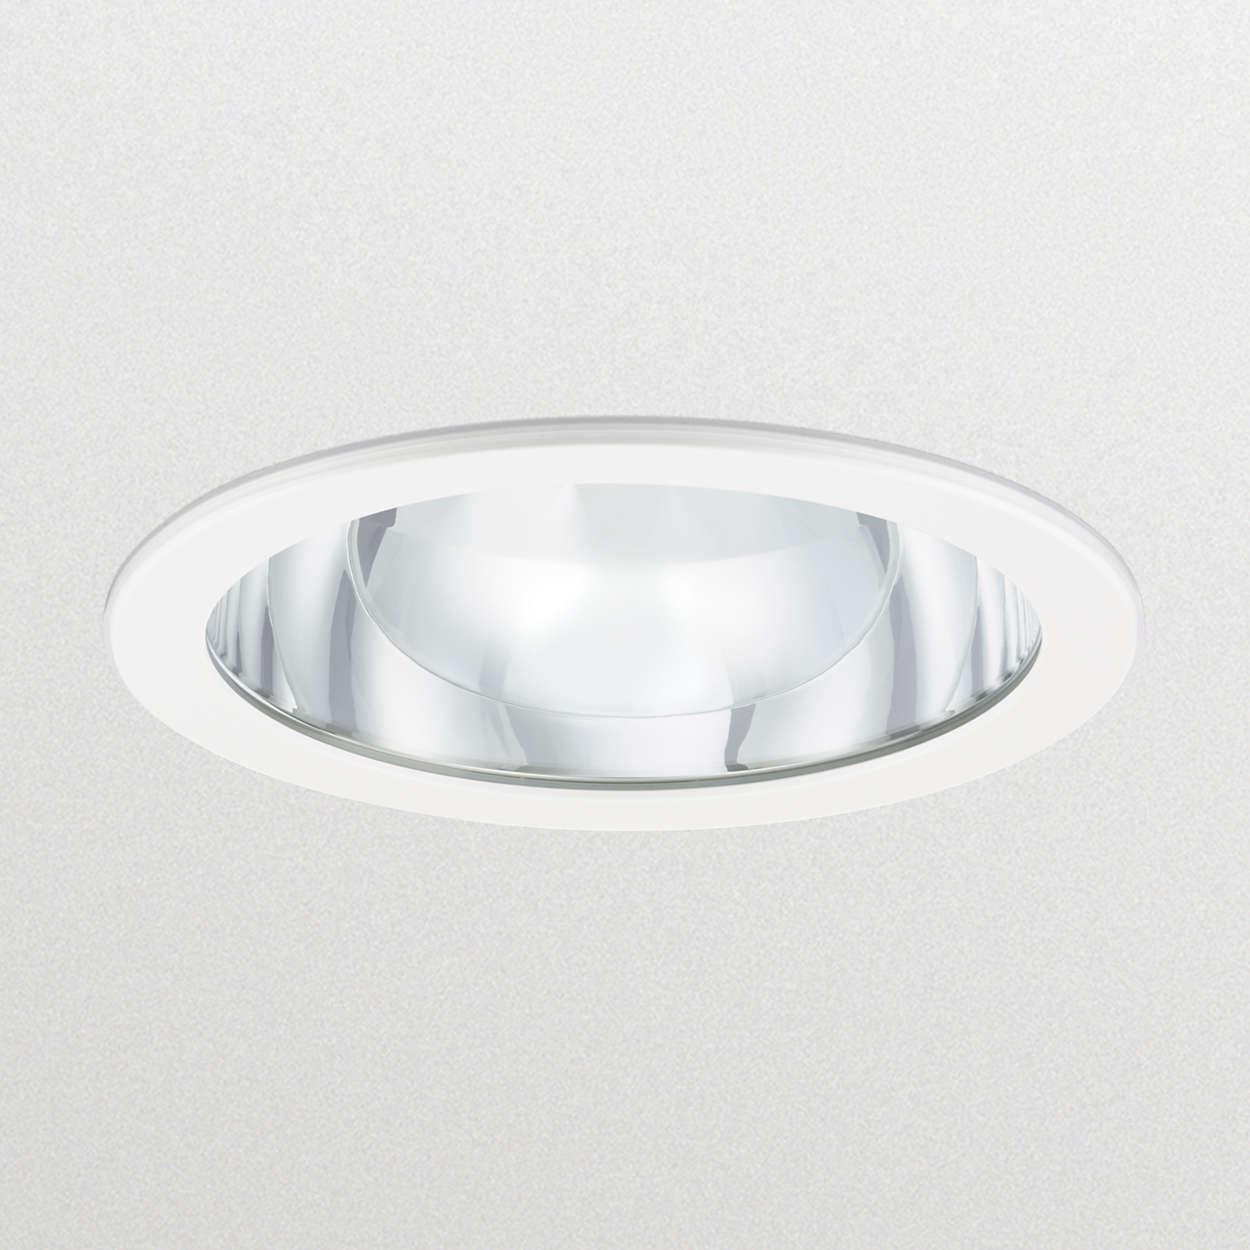 GreenSpace – de duurzame LED-oplossing met een hoog rendement